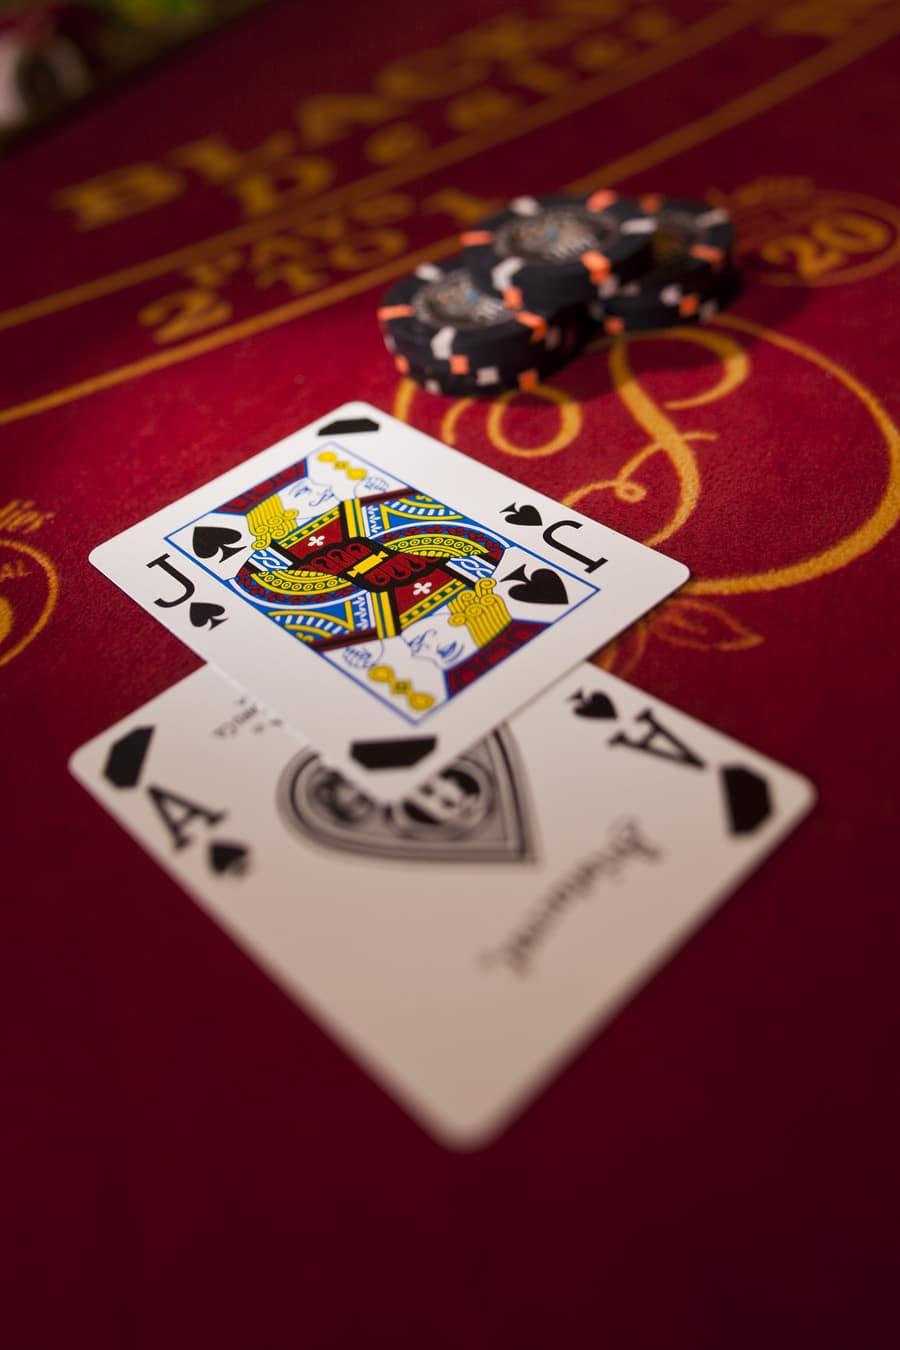 Remporter la manche au blackjack